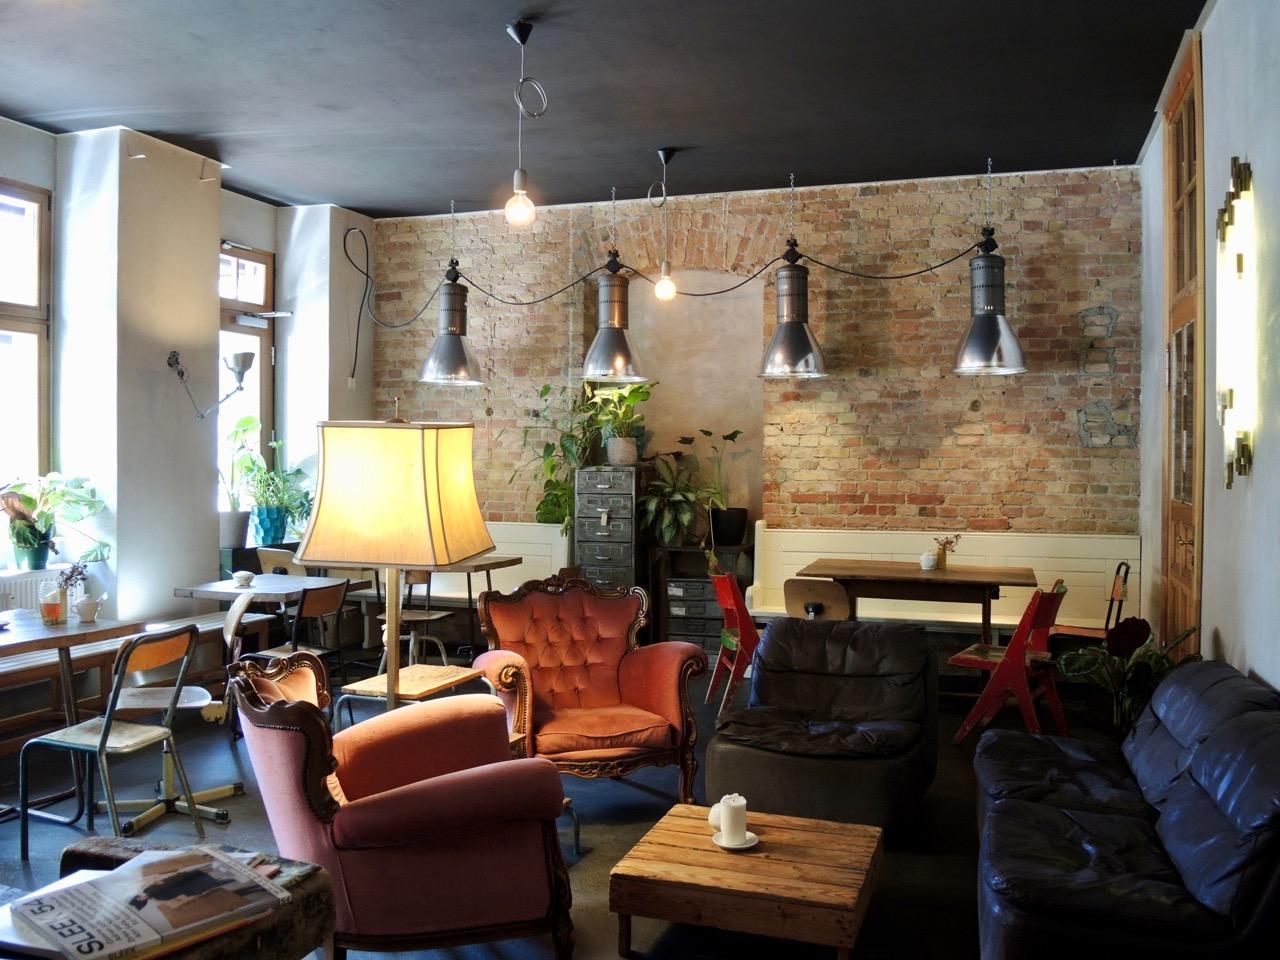 Hotel linnen in berlin women2style for Kleine sesselchen